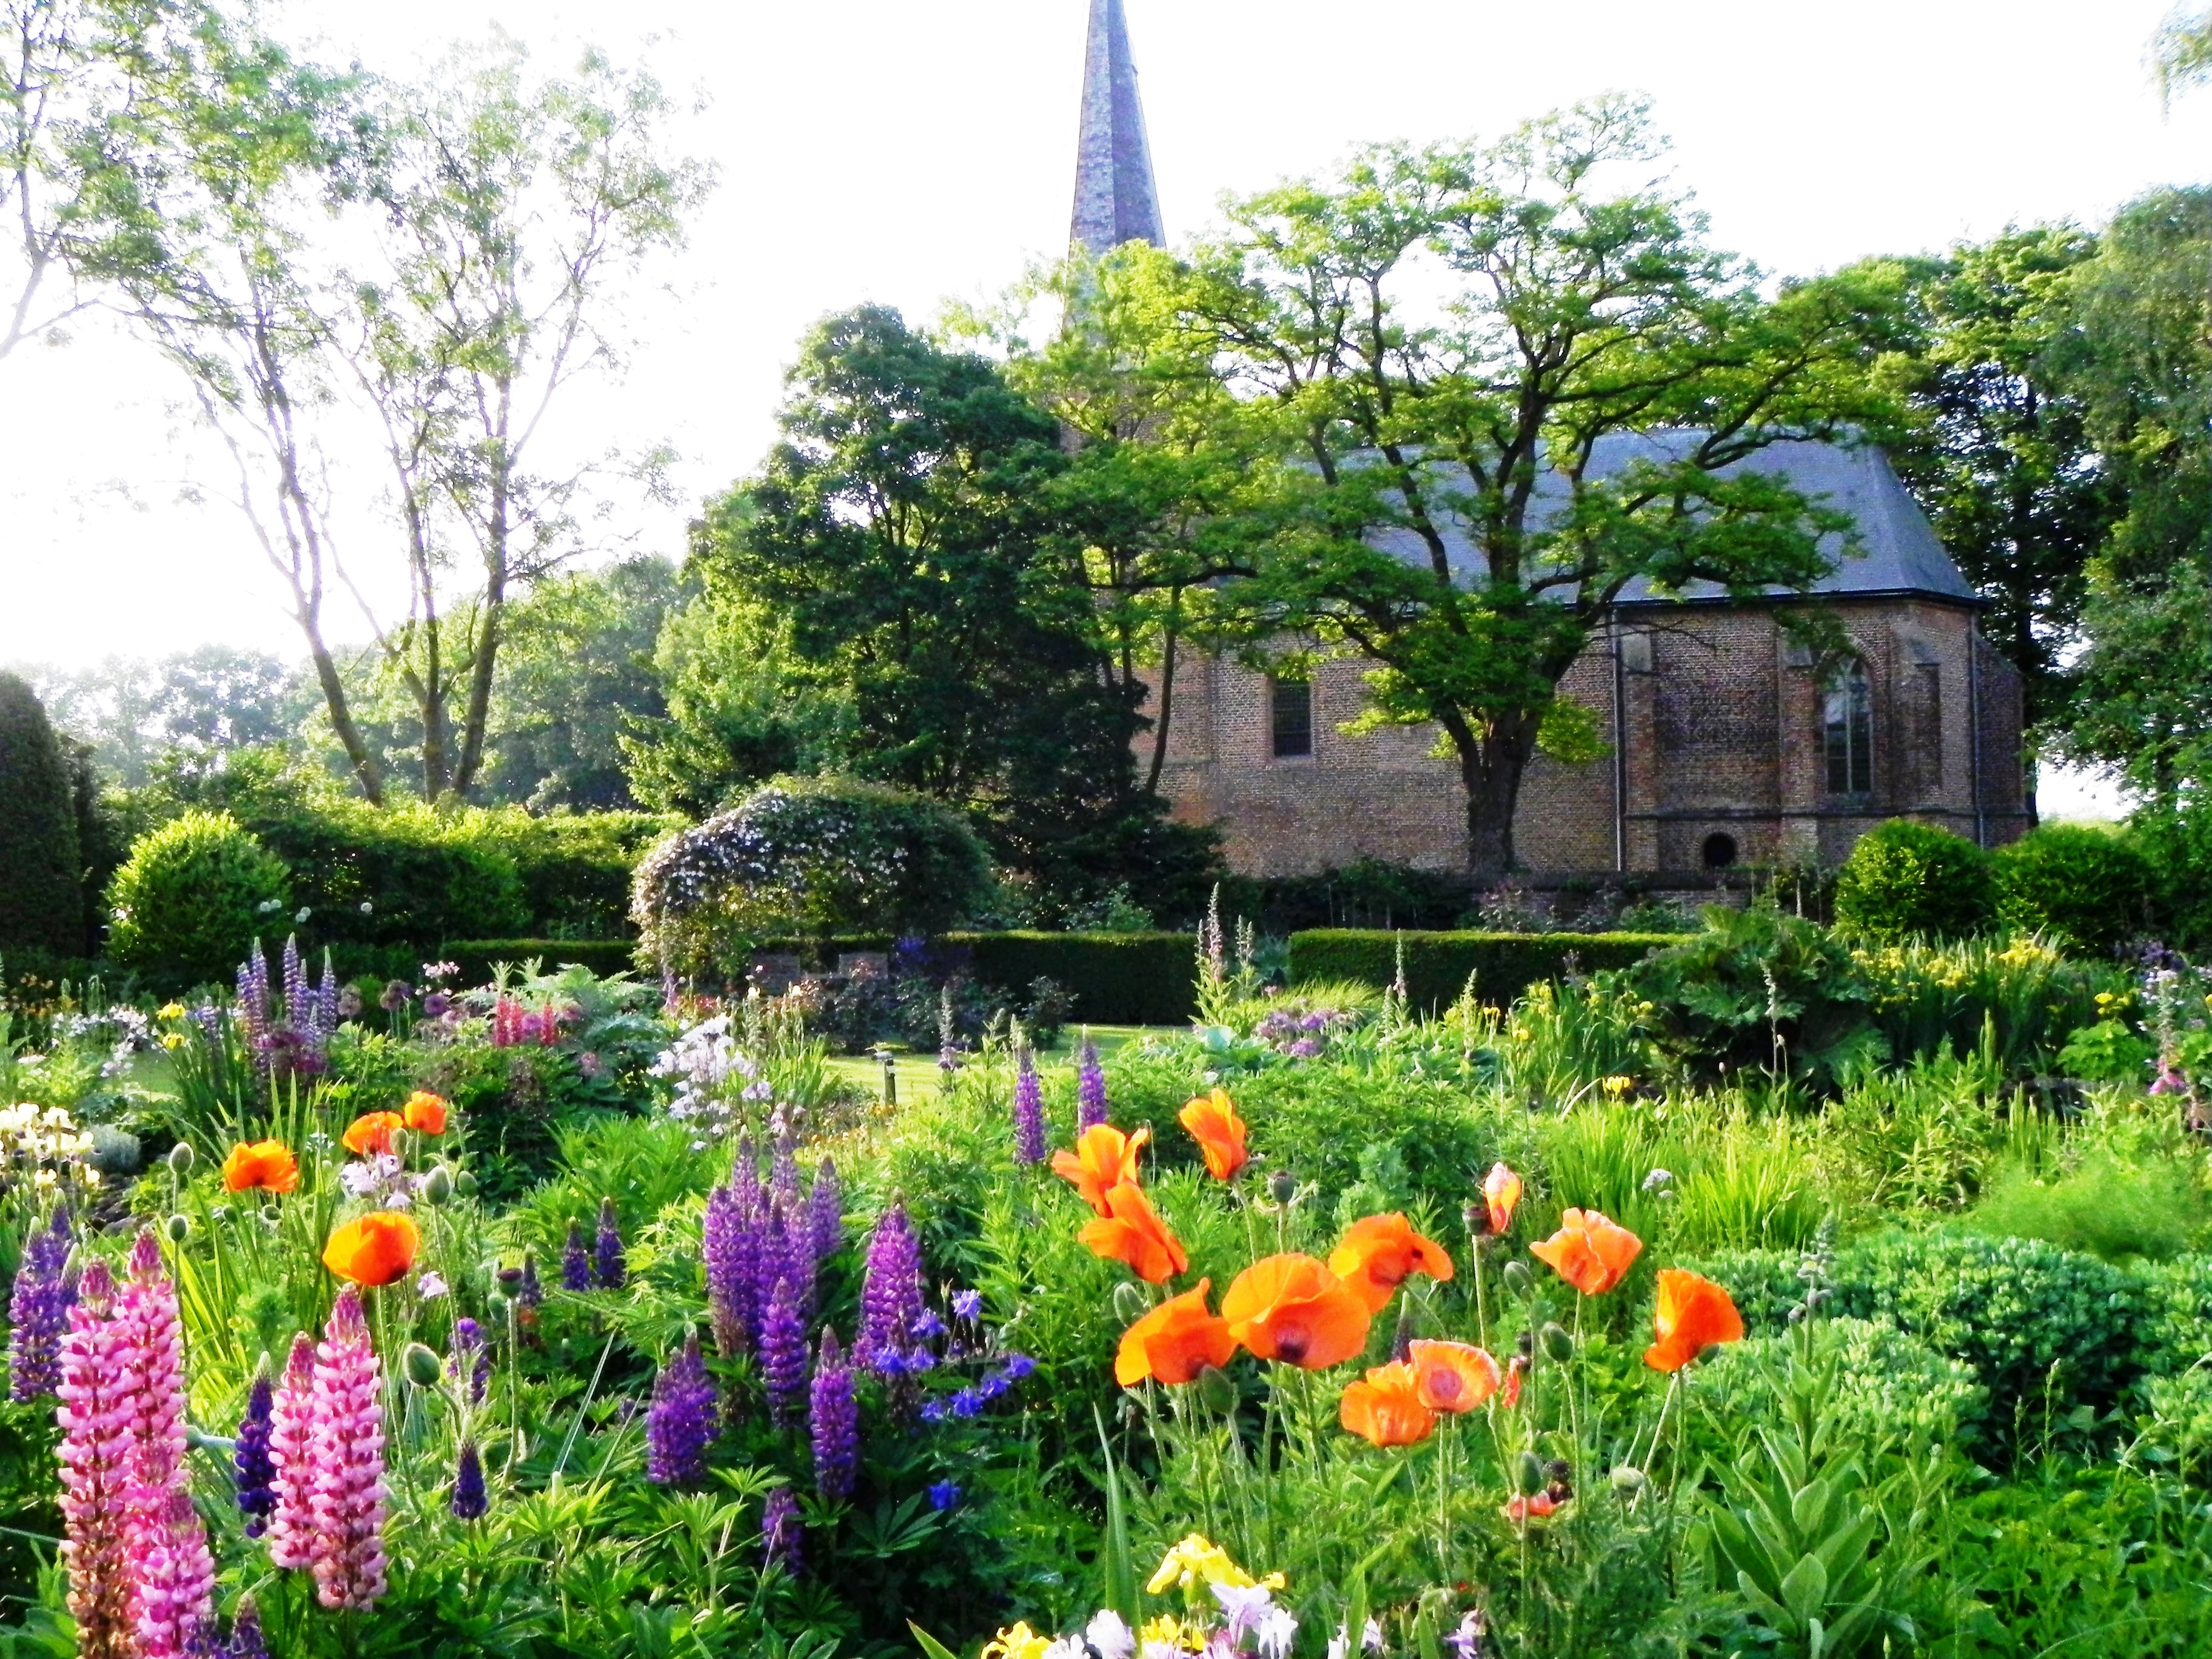 Kleurrijke border in oranje en paars tegen de achtergrond van het kerkje in Velp (NBr)